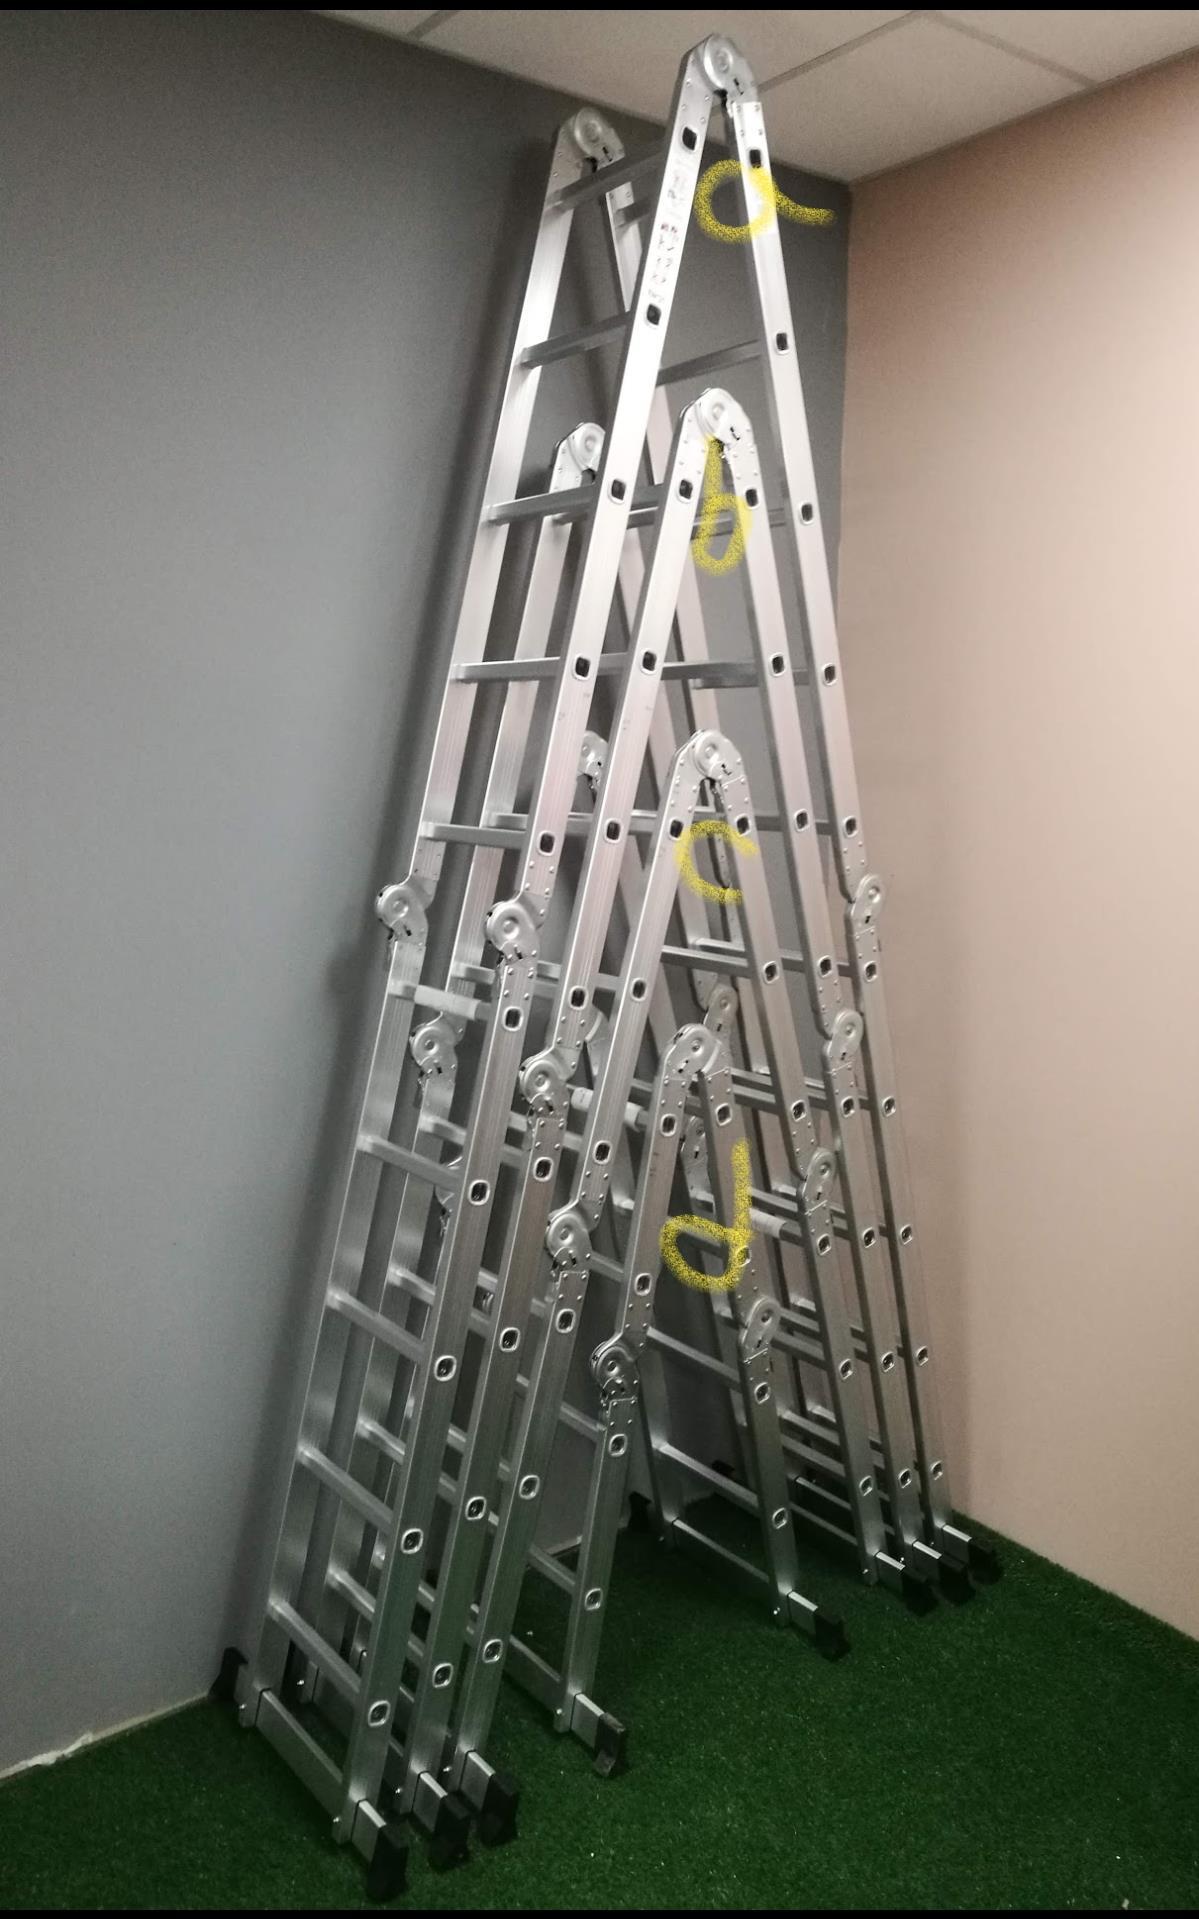 סולם  אלומיניום קל מתקפל   ל 4 חלקים   3.6 מטר אורך במצב פתוח ישר  לבית  לבית המלאכה ולטכנאים